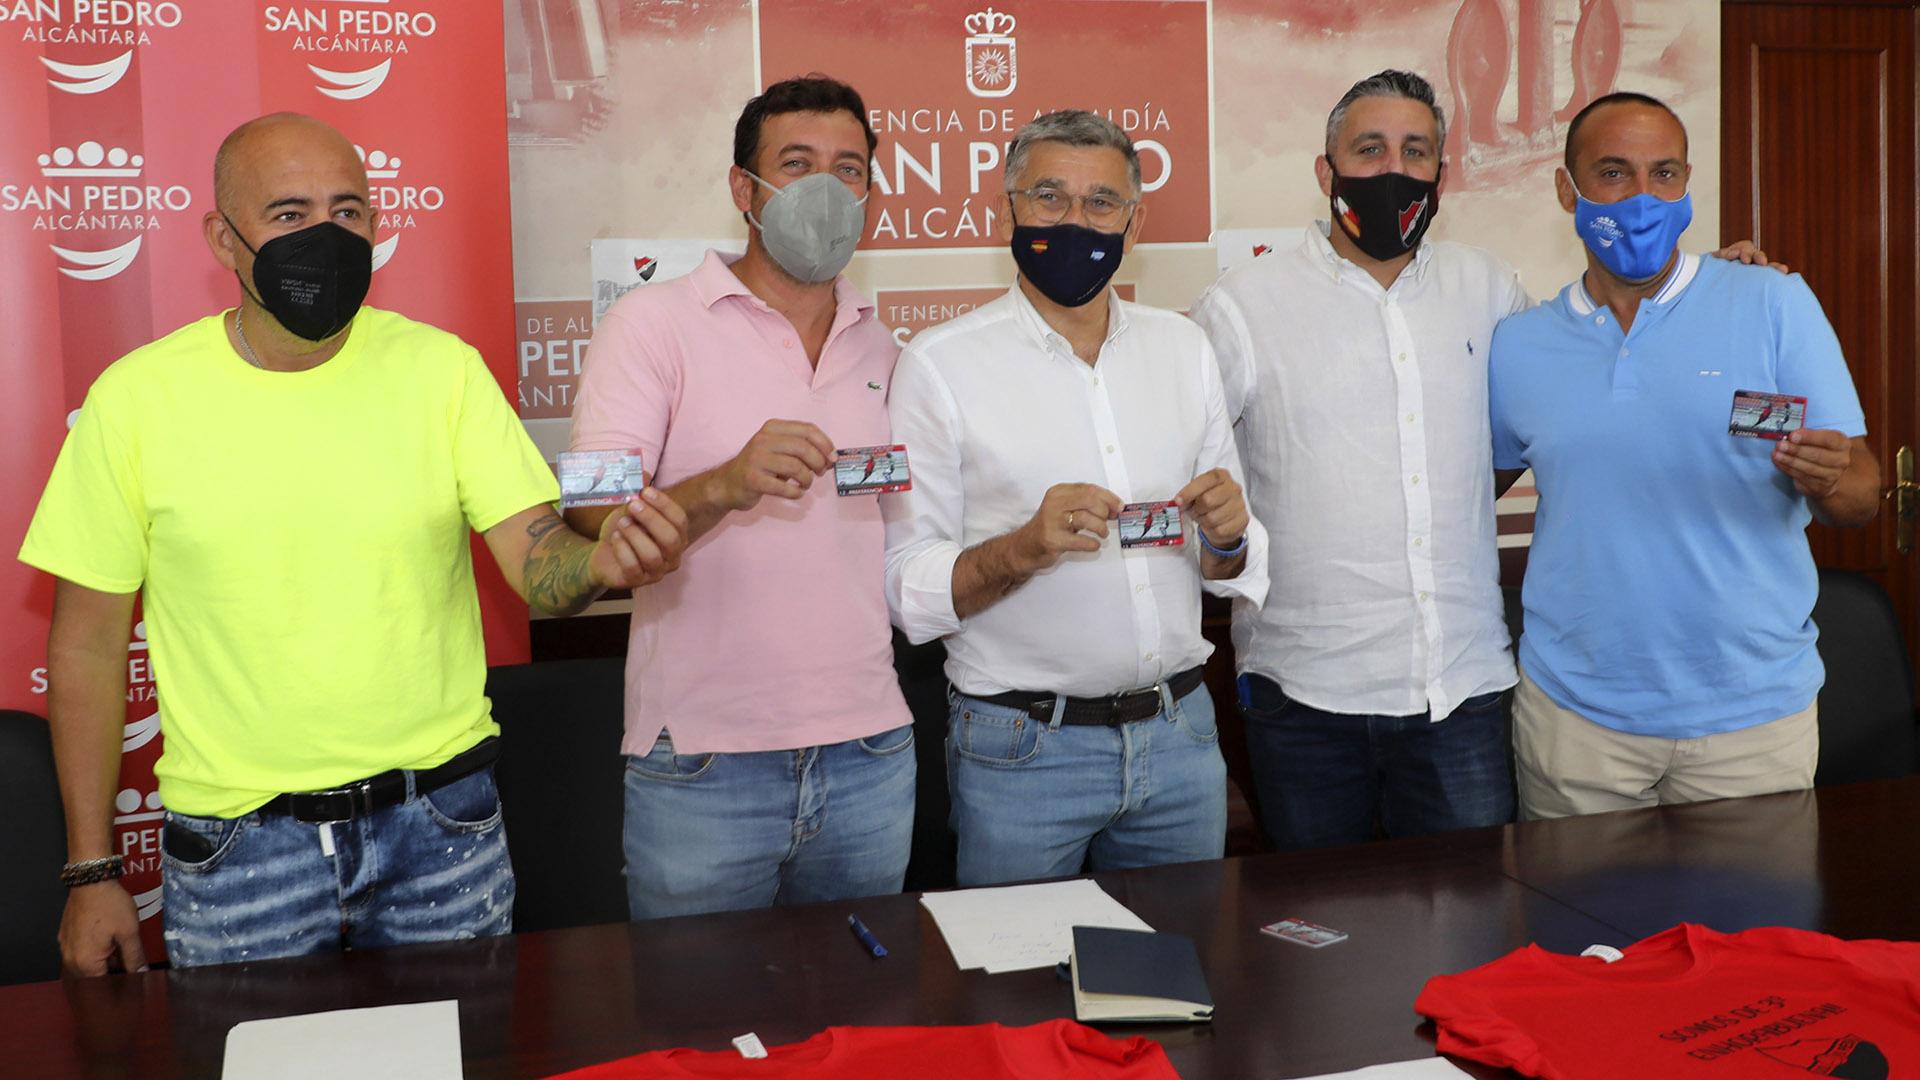 Presentada la campaña de abonos para la temporada 2021-2022 de la UD San Pedro